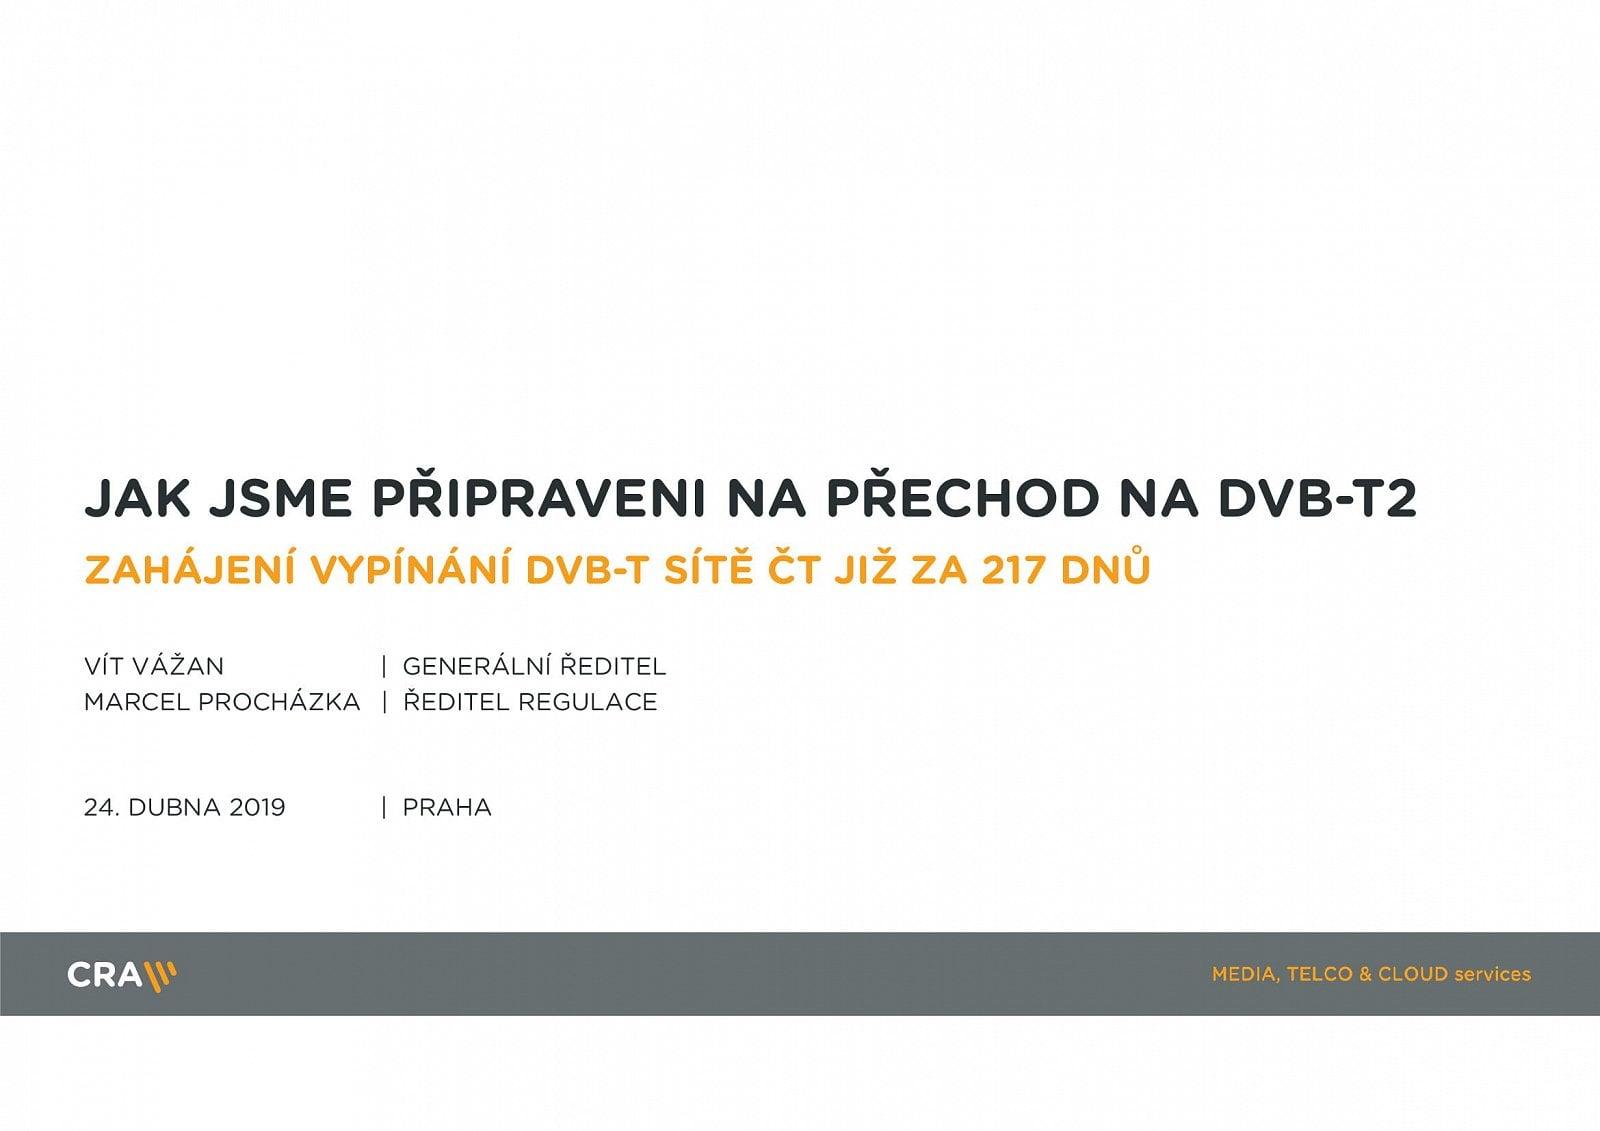 Parametry DVB-T2, termíny přechodu a stanice v multiplexech